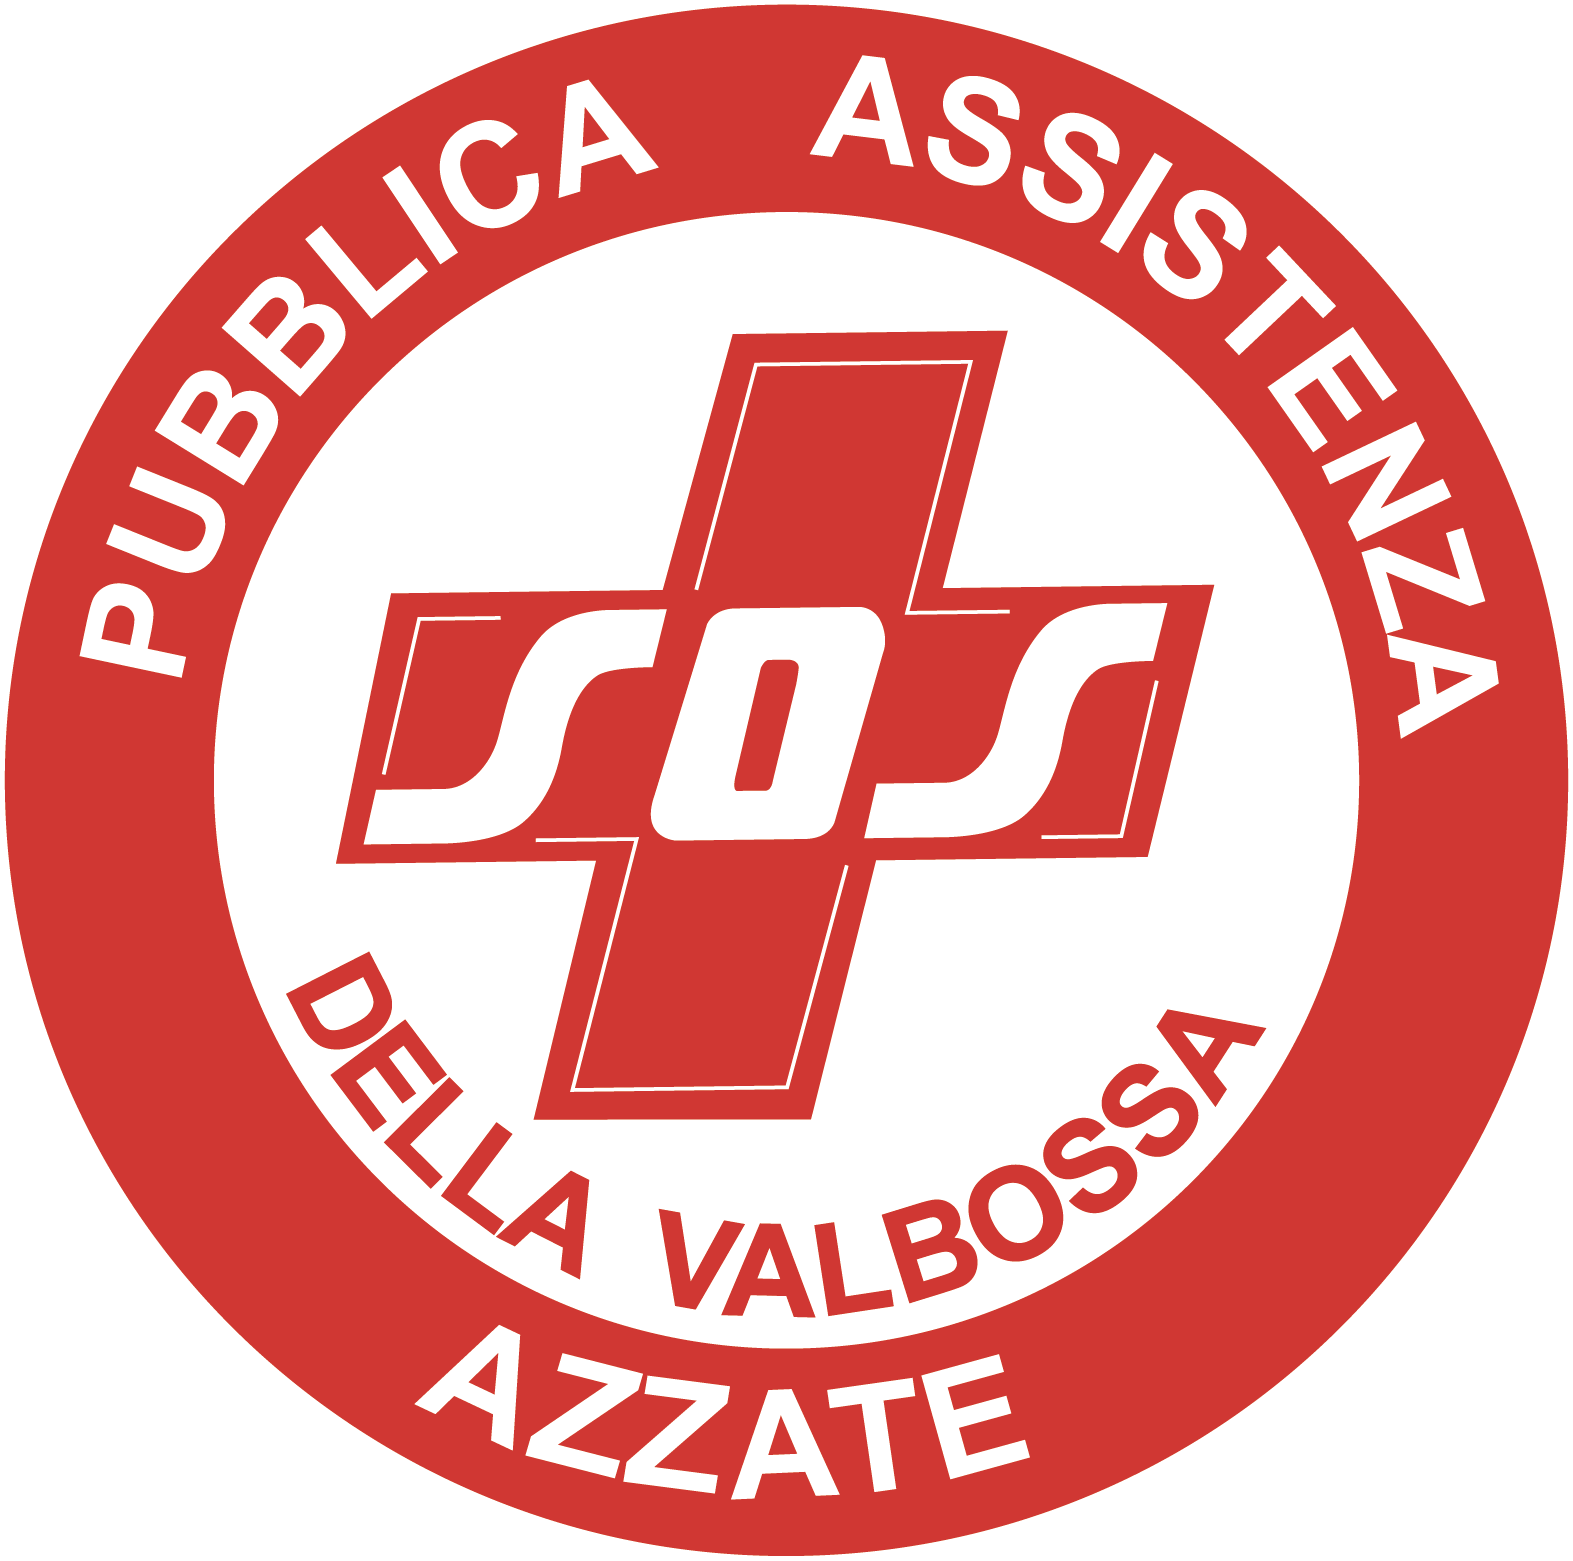 SOS della Valbossa